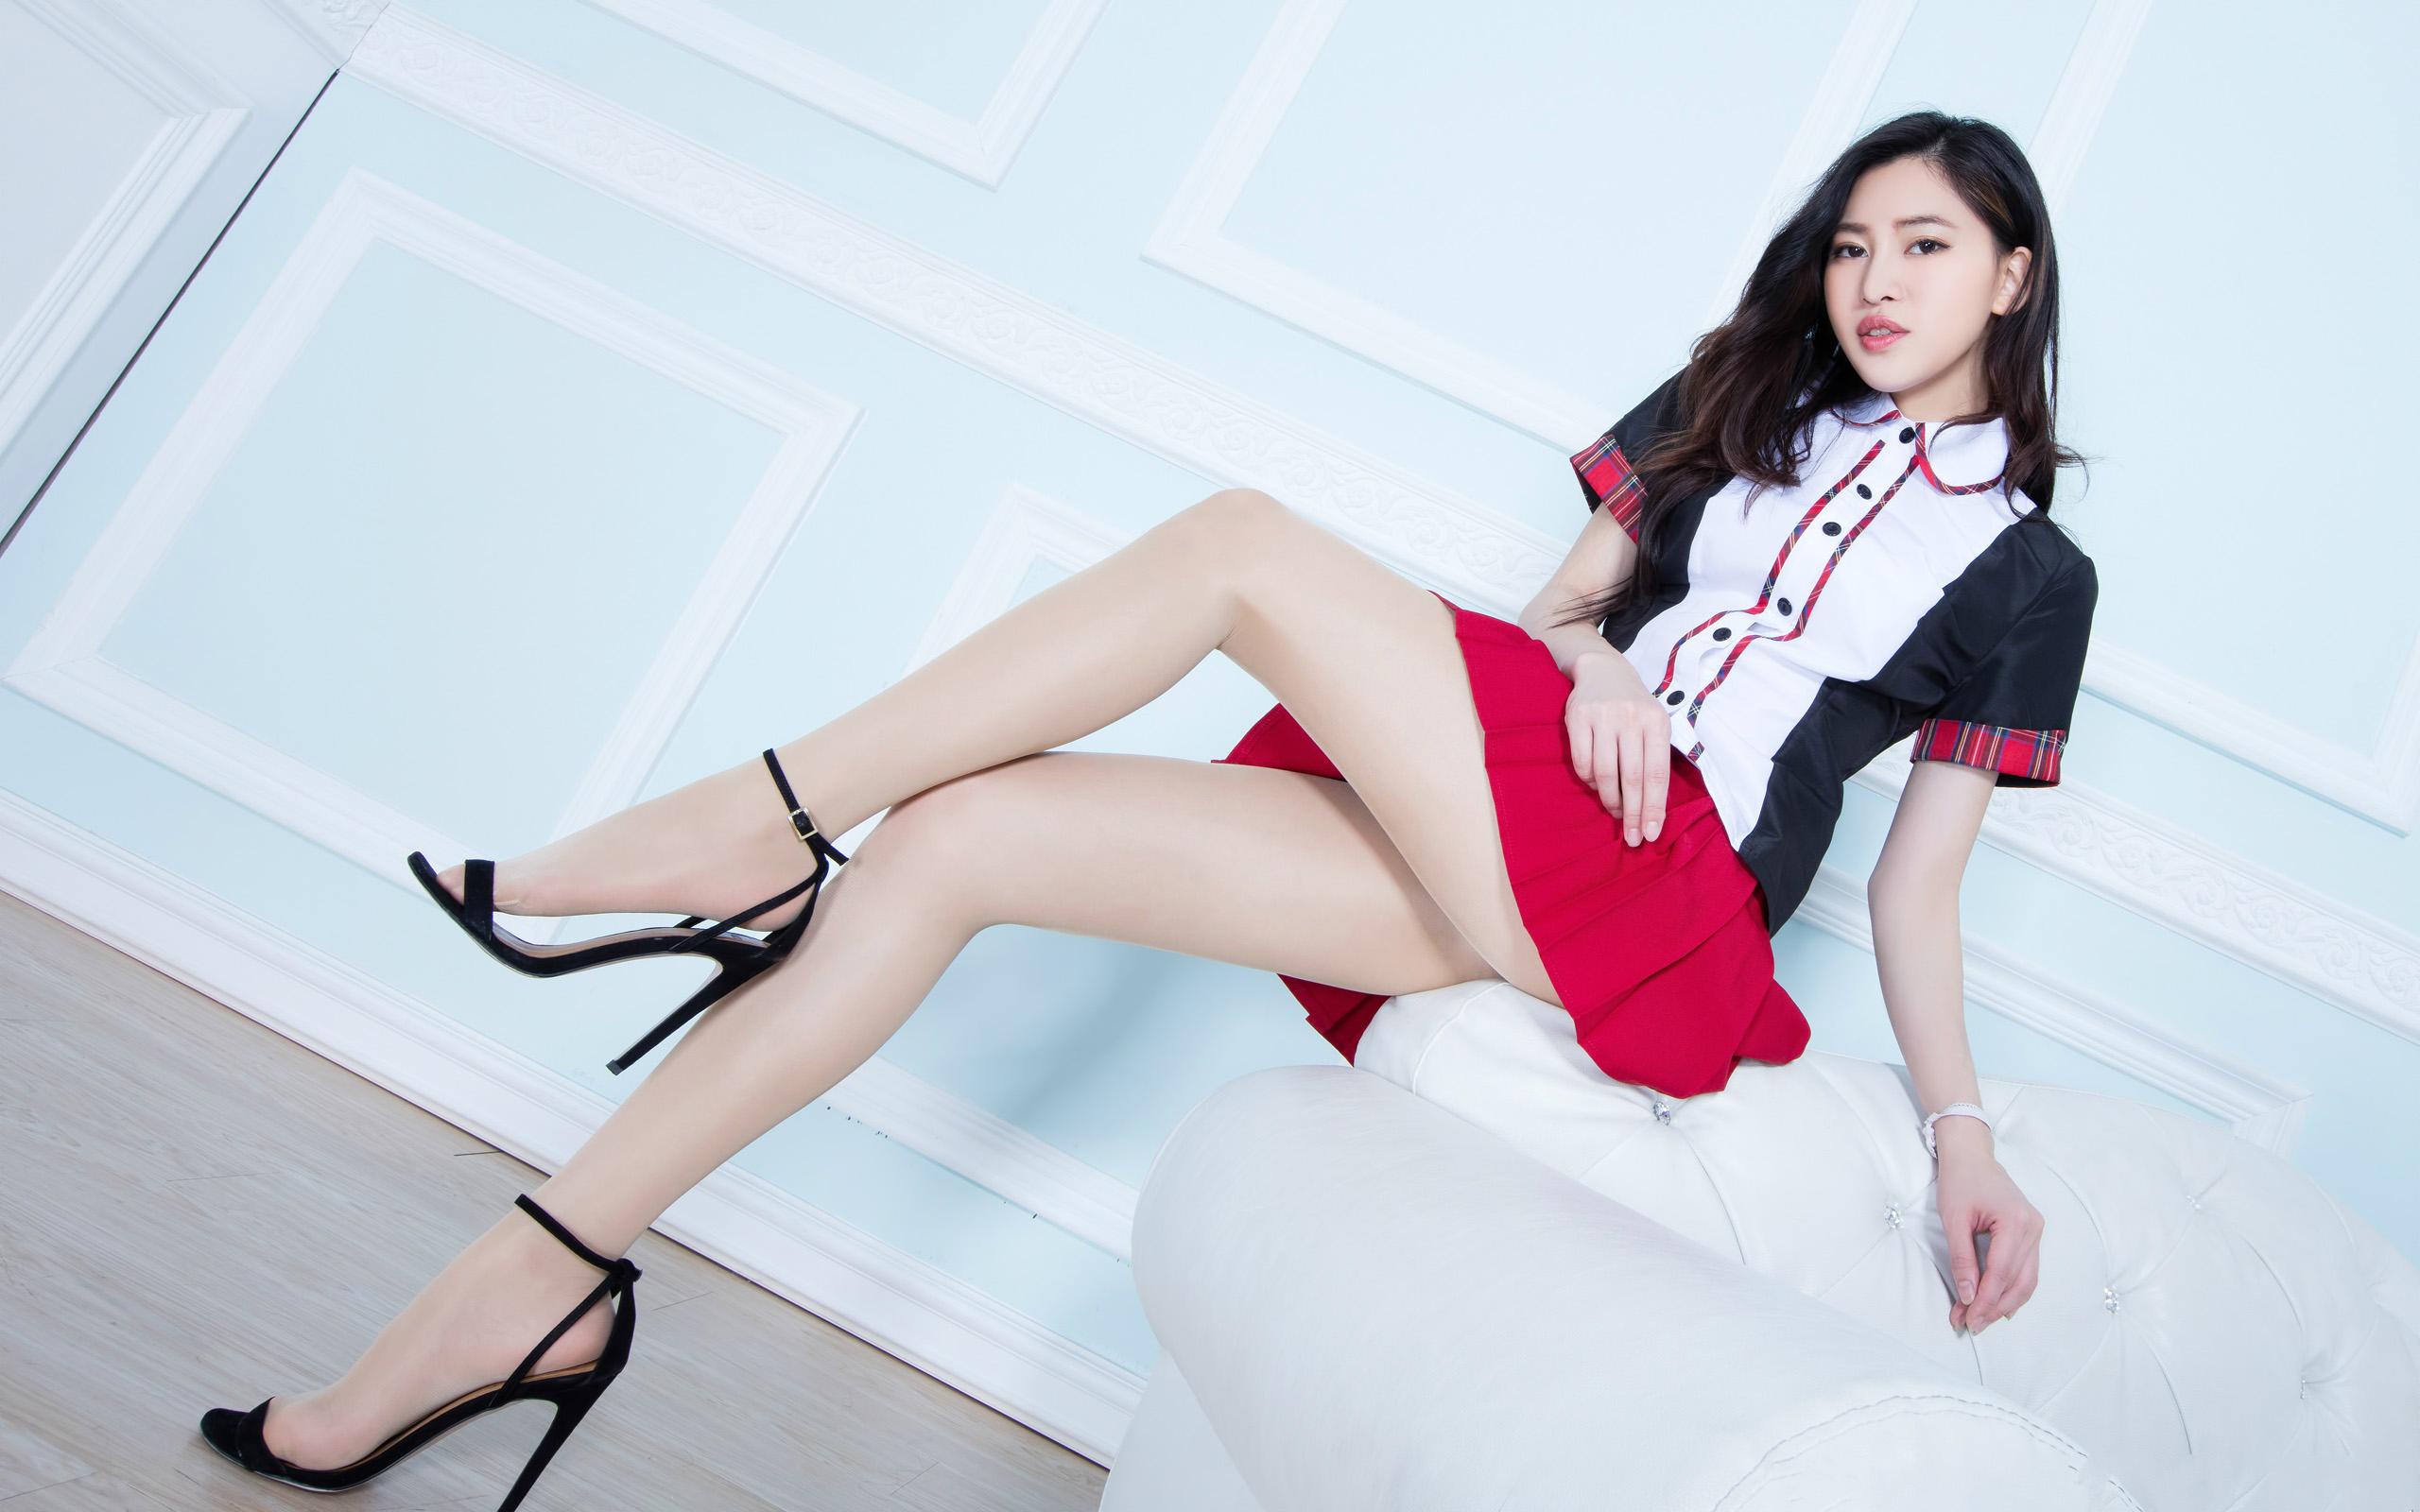 臺灣美腿美女Lynn2 - 花開有聲 - 花開有聲